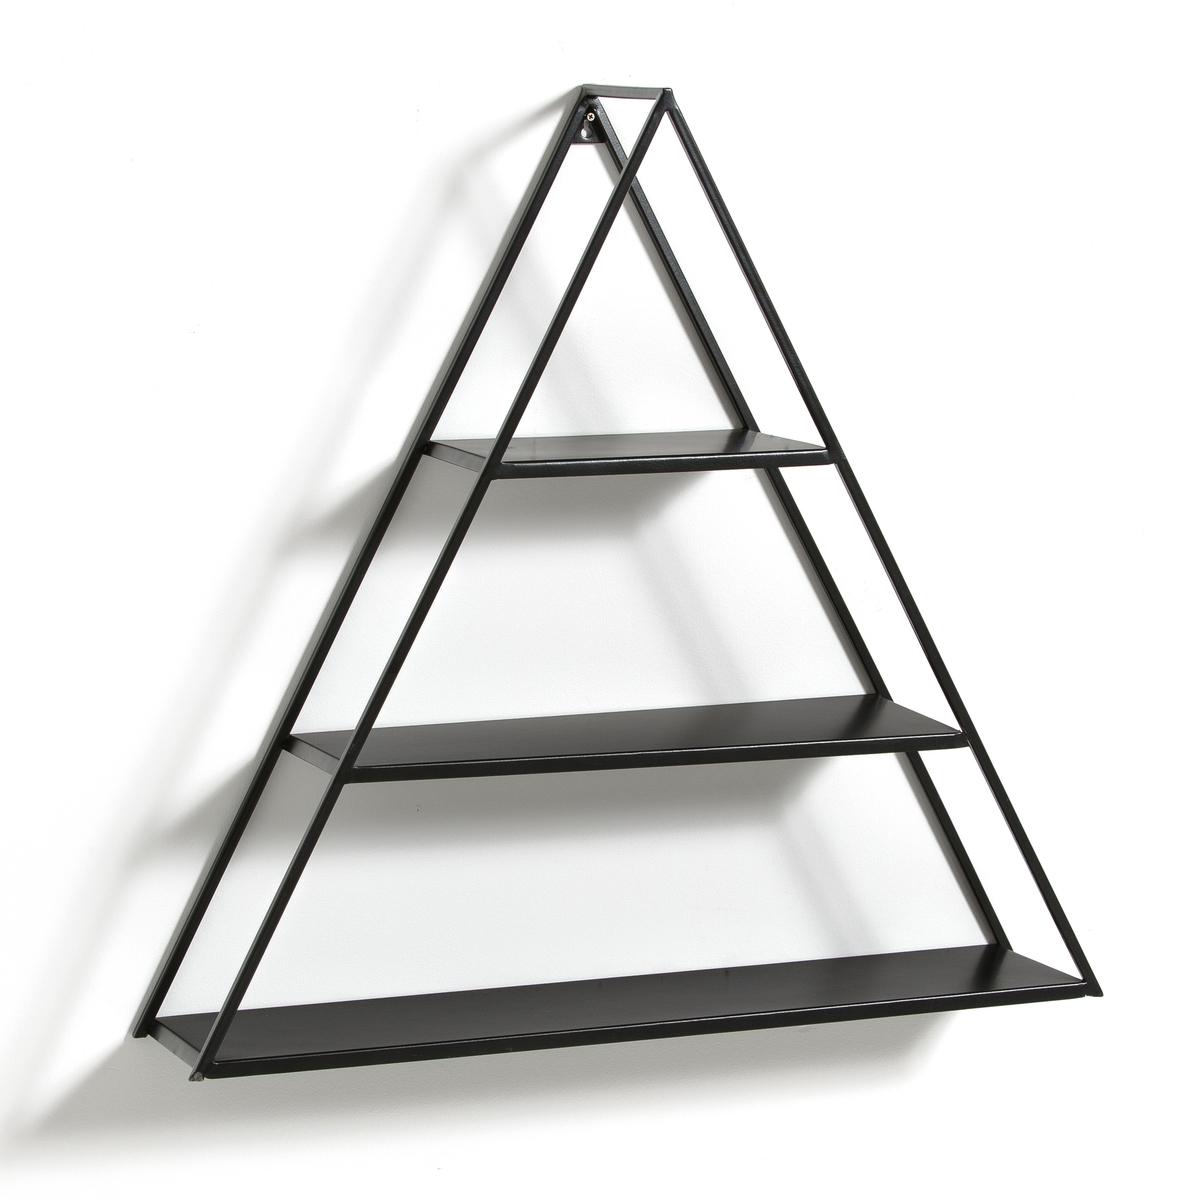 Этажерка треугольная, AFUSХарактеристики треугольной этажерки, Afus :Металл с эпоксидным покрытием Пластина для настенного крепления (шурупы и дюбели в комплект не входят)Другие модели этажерок Вы найдете на laredoute.ruРазмеры треугольной этажерки, Afus:Длина : 69 смВысота : 66,5 смГлубина : 15,5 смРазмер и вес упаковки :1 коробка73 x 19 x 71 см, 4,3 кгДоставка :Треугольная этажерка Afus продается в разобранном виде.  Возможна доставка до квартиры по предварительному согласованию!Внимание ! Убедитесь, что посылку возможно доставить на дом, учитывая ее габариты<br><br>Цвет: черный